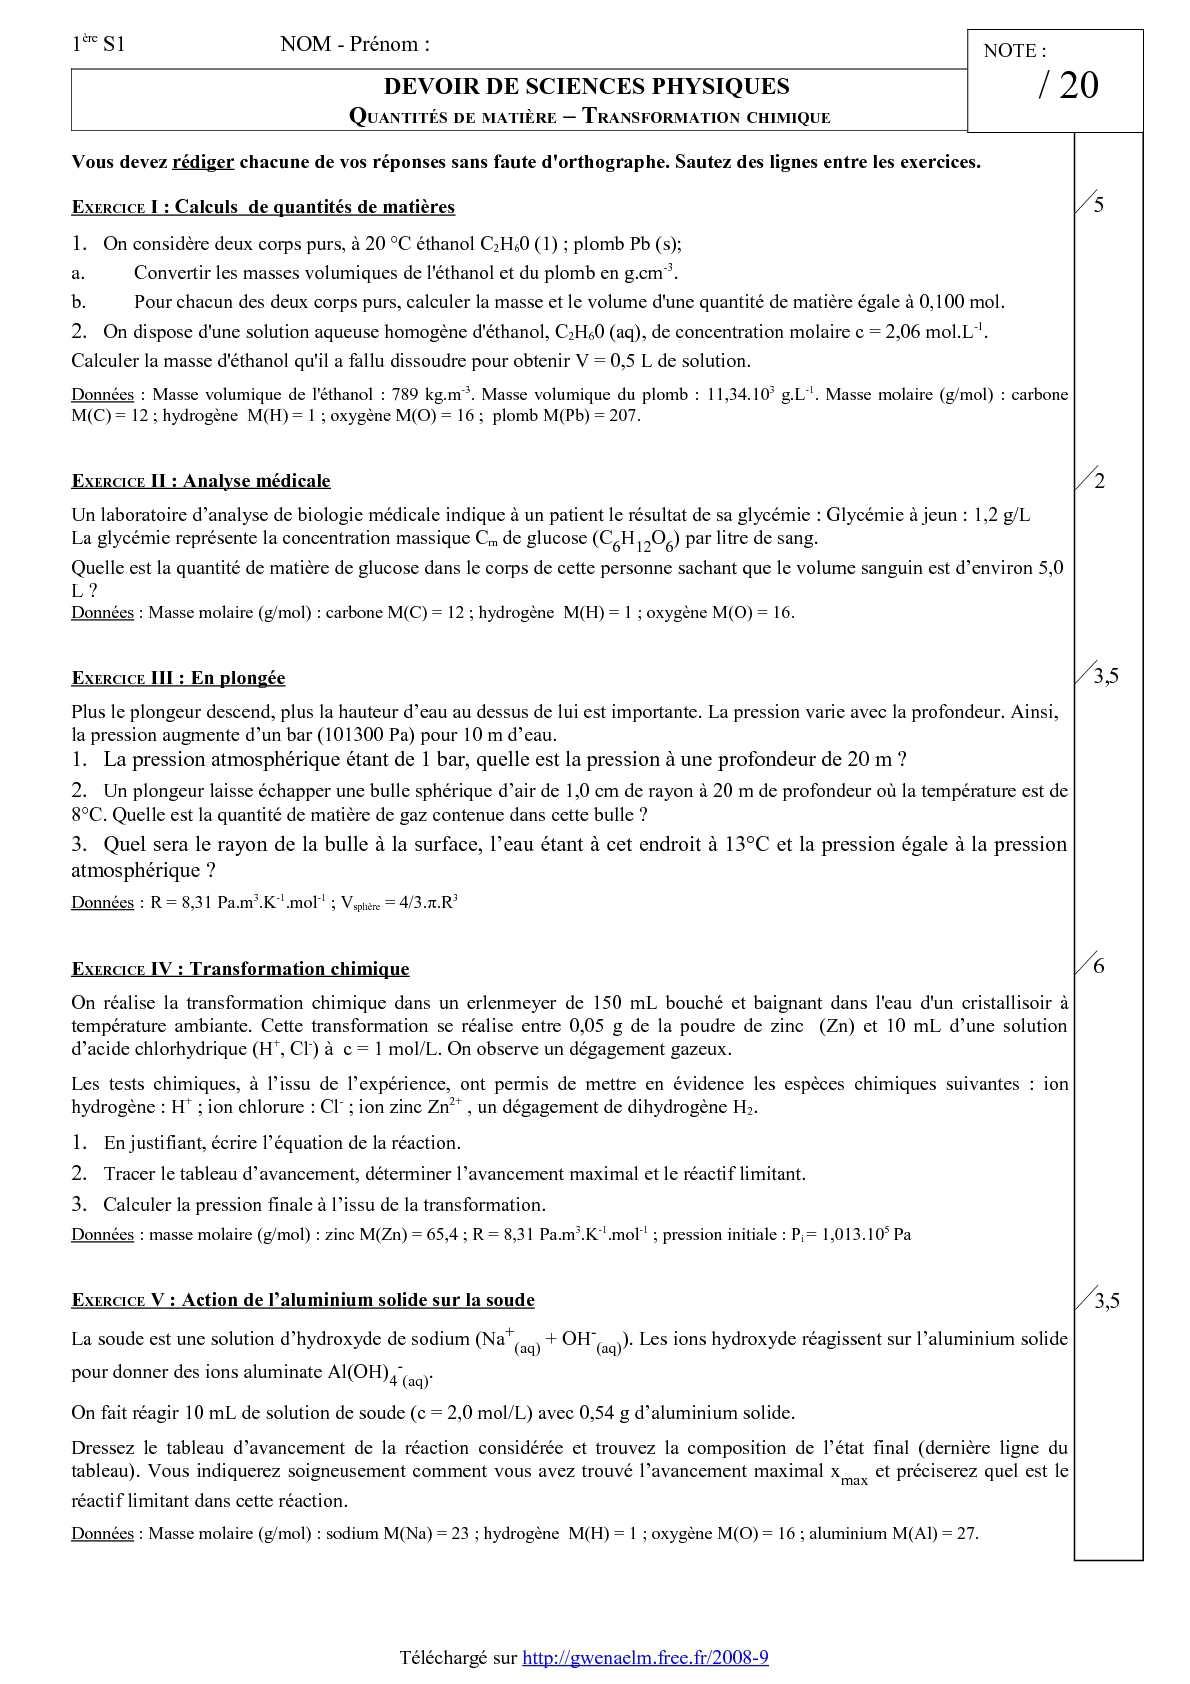 Calameo Ds 1 Premiere S Quantite De Matiere Transformation Chimique